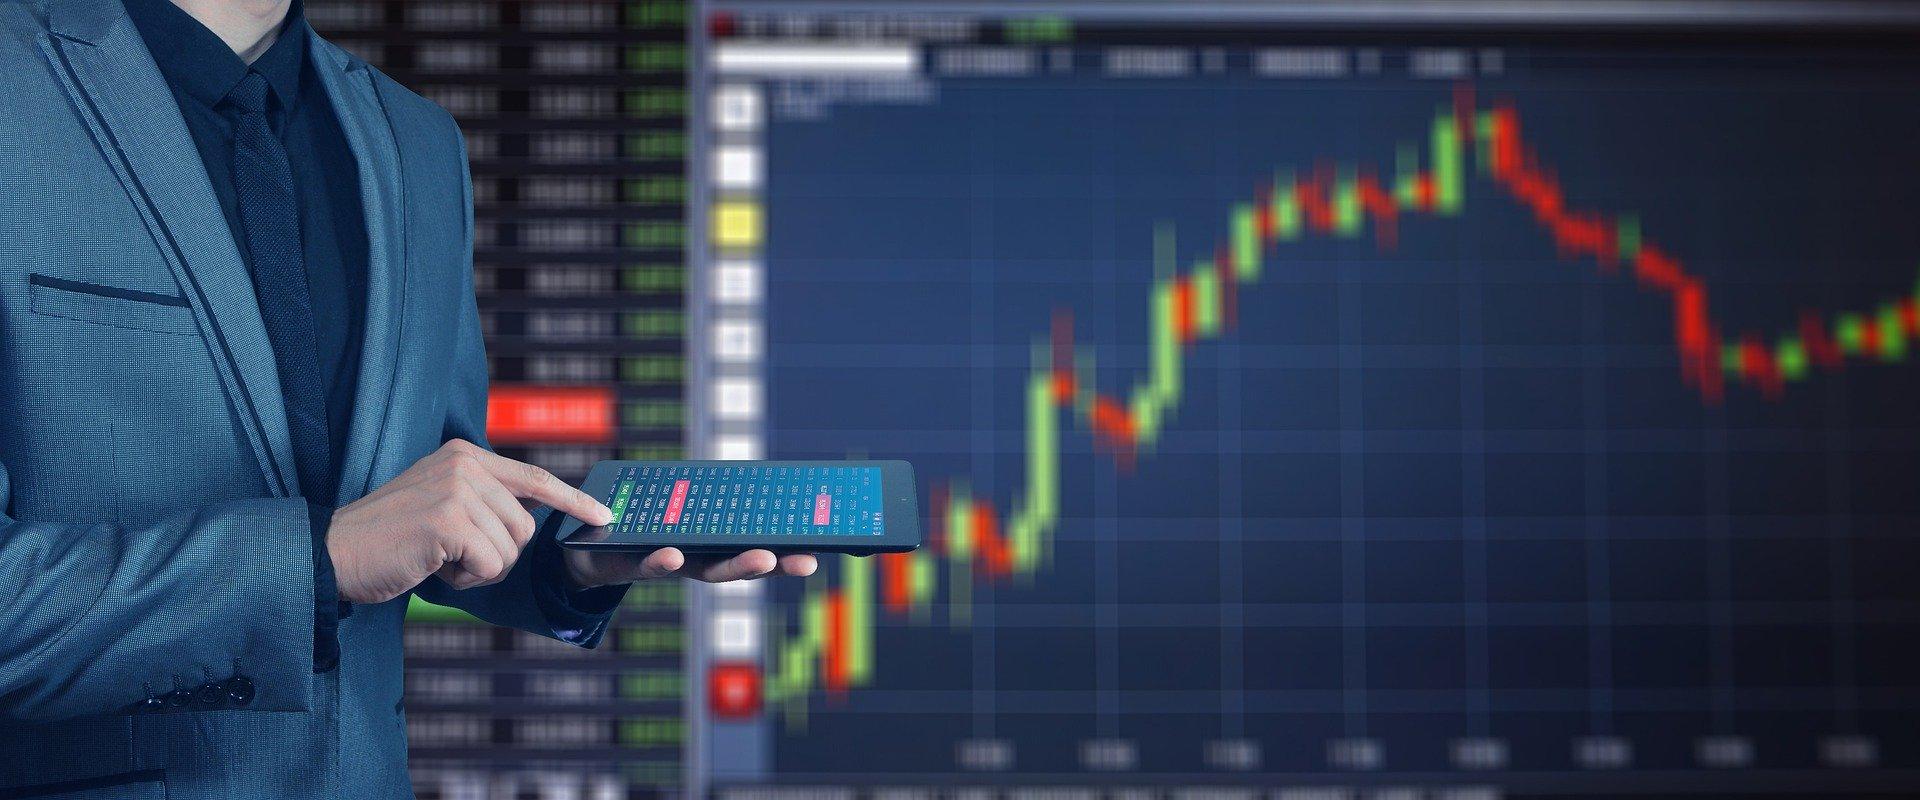 astuces pour trader comme un pro